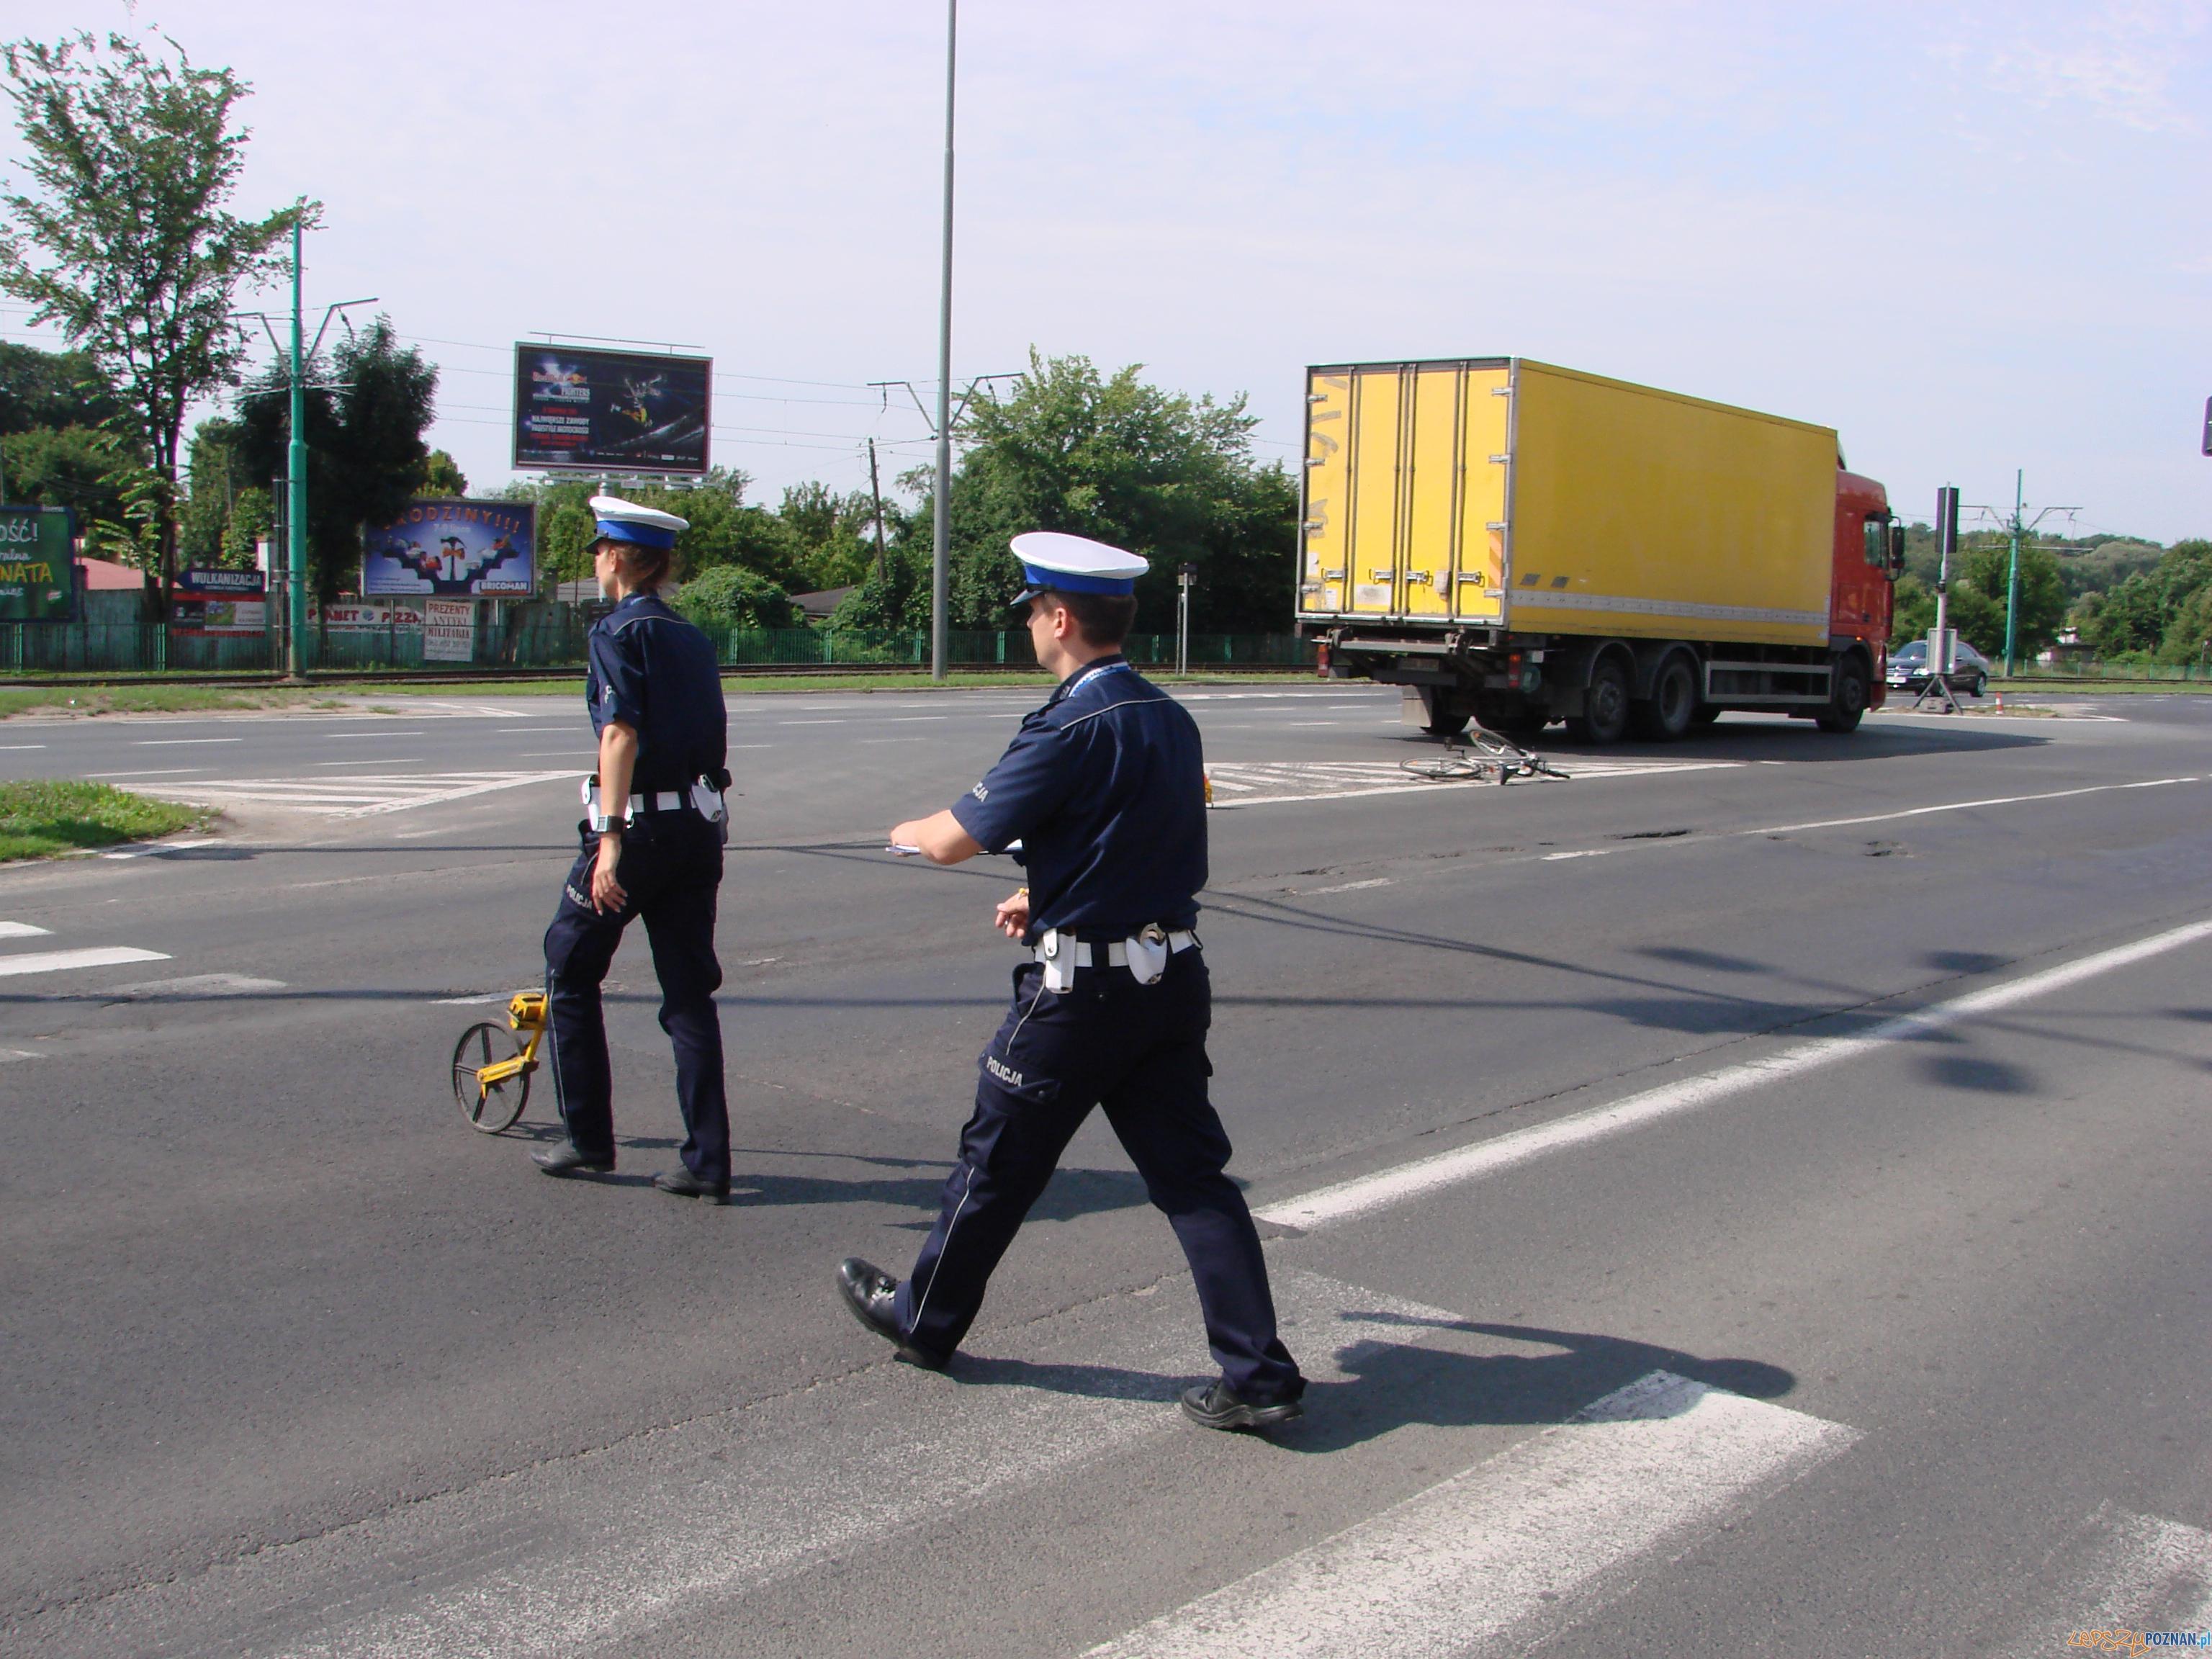 Rowerzystka potrącona na Warszawskiej  Foto: lepszyPOZNAN.pl / ag